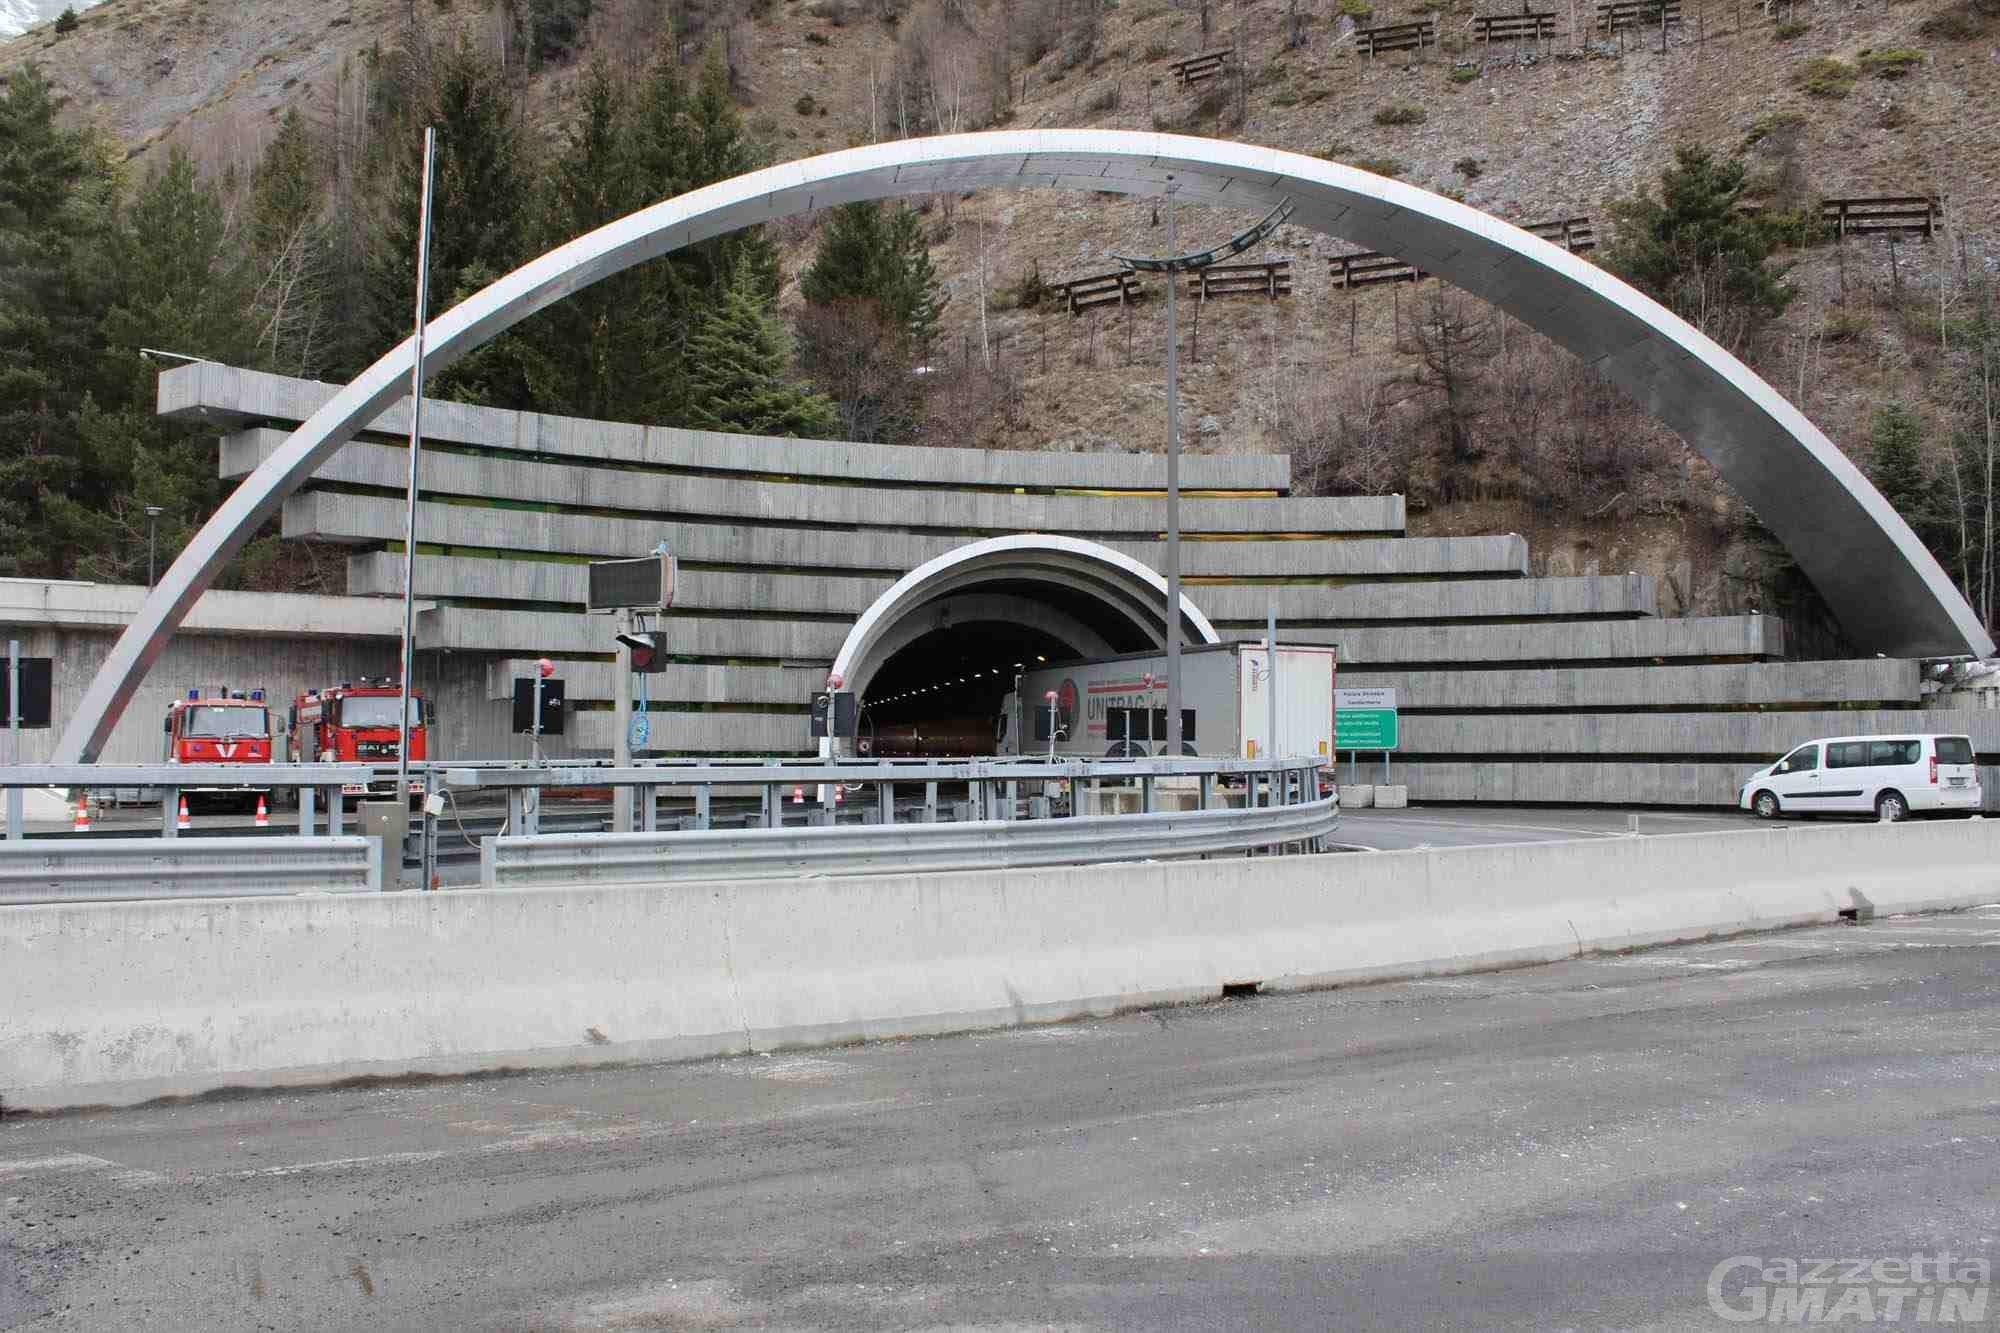 Passeur arrestato al traforo del Monte Bianco